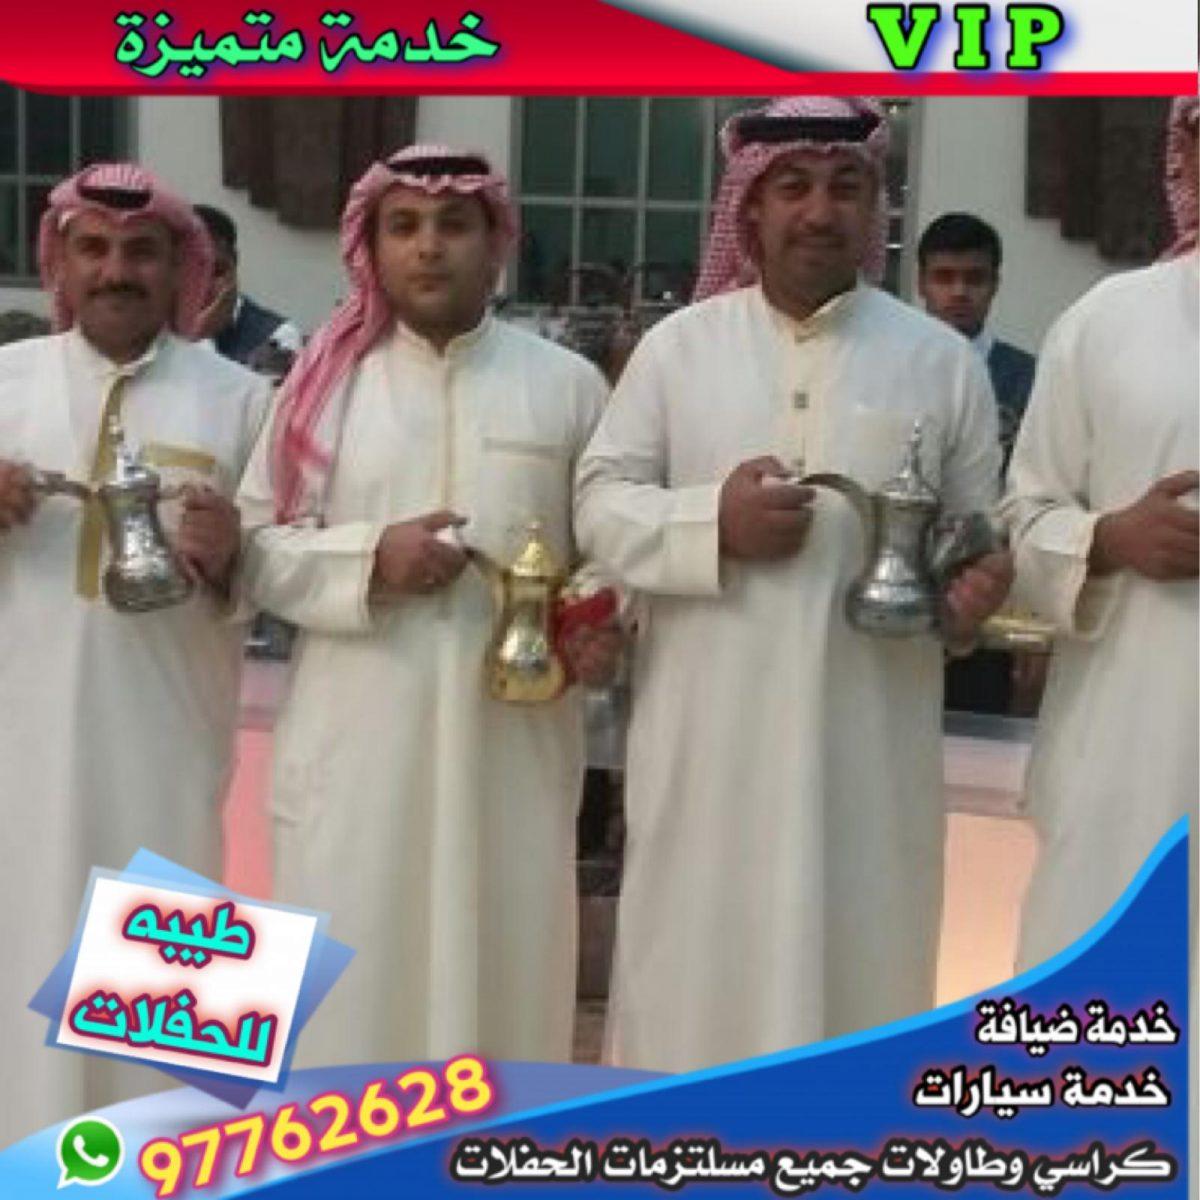 خدمه ضيافه شاي وقهوه الكويت